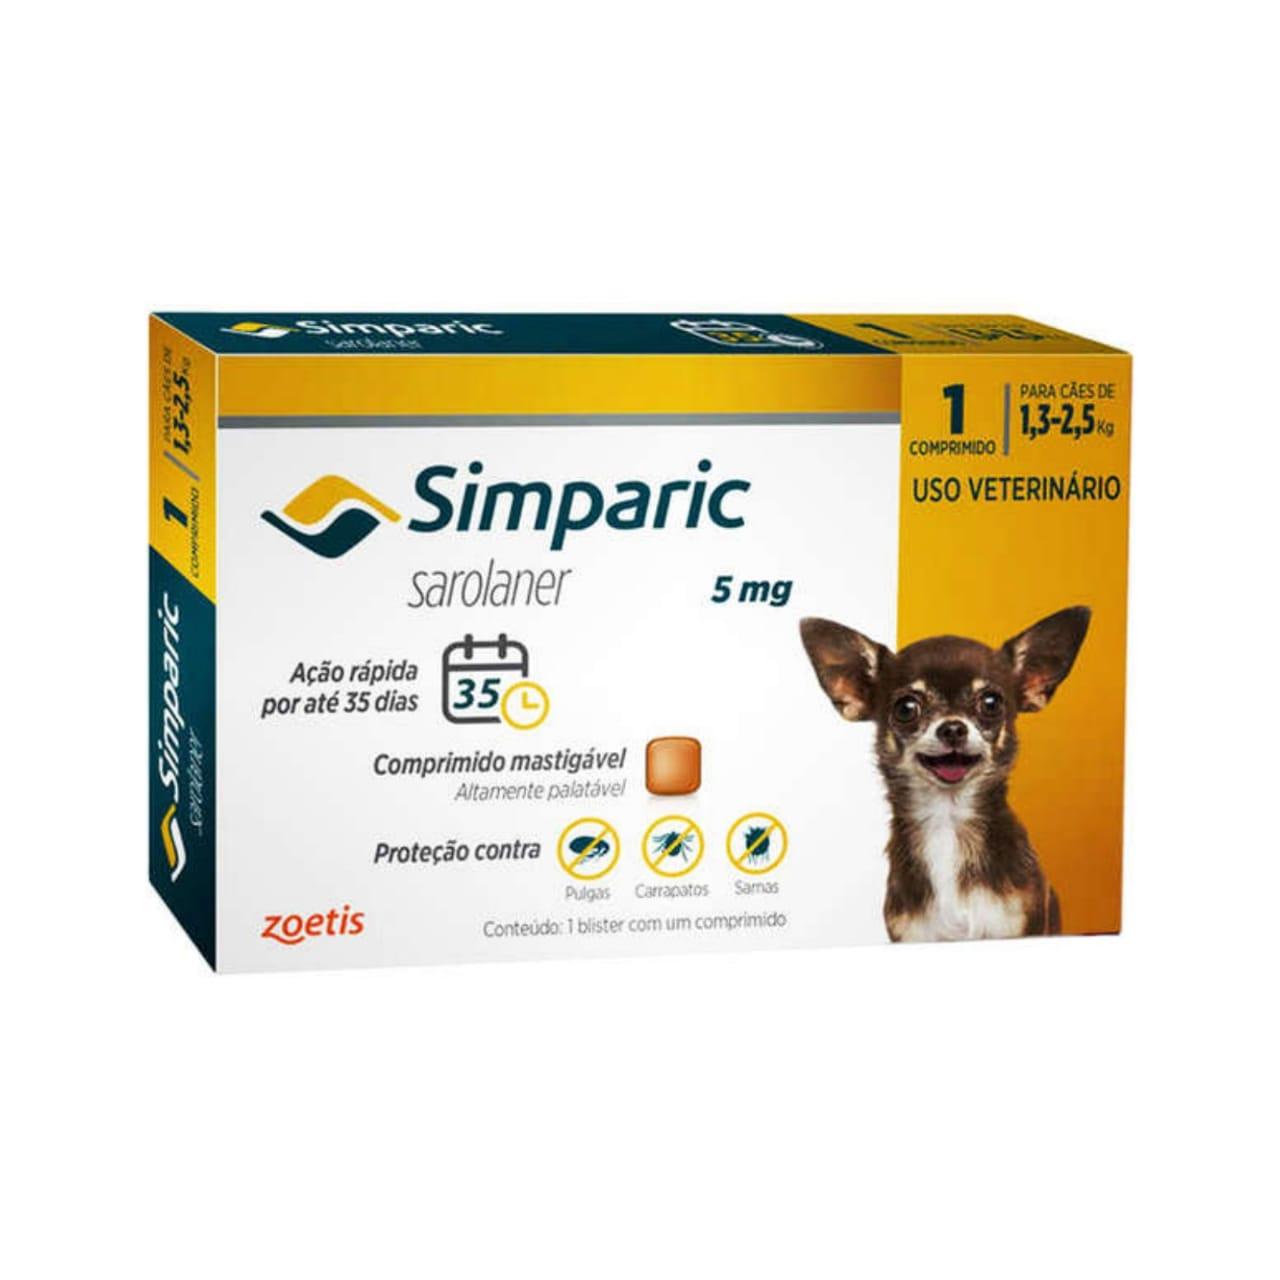 Antipulgas e Carrapatos Simparic 5mg para Cães 1,3 a 2,5 Kg - 1 Comprimido